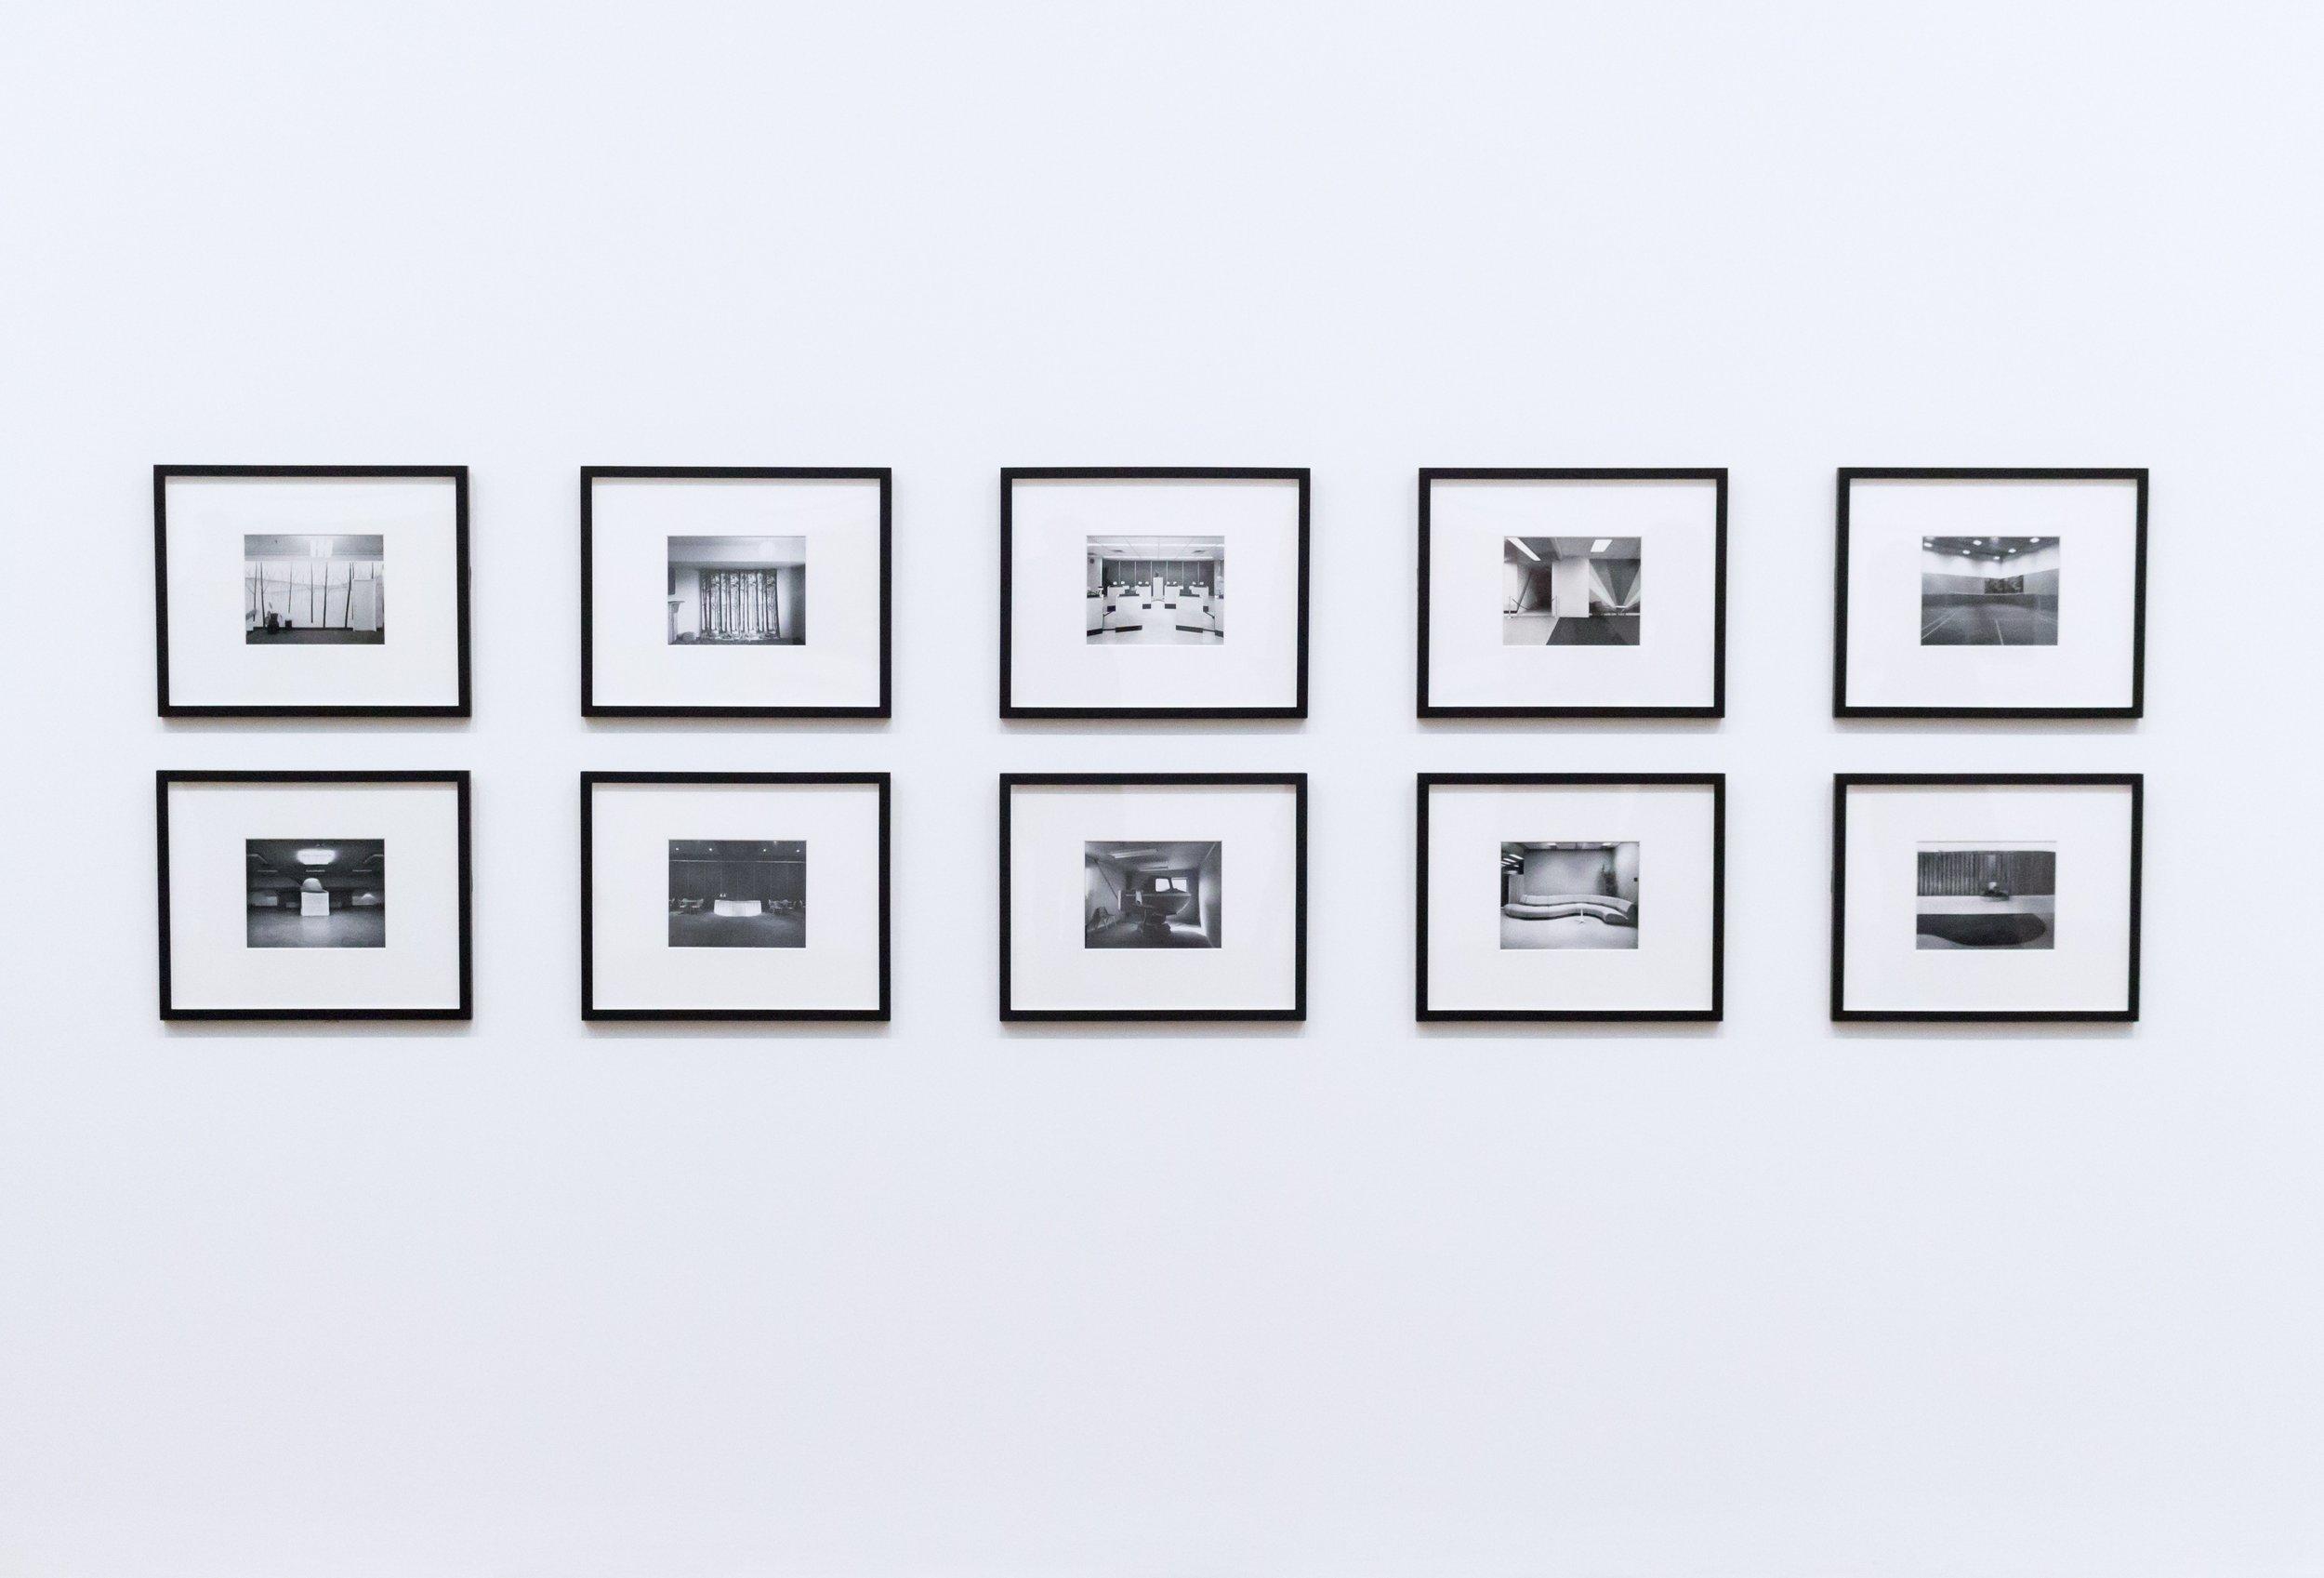 art-artistic-black-and-white-310435.jpg